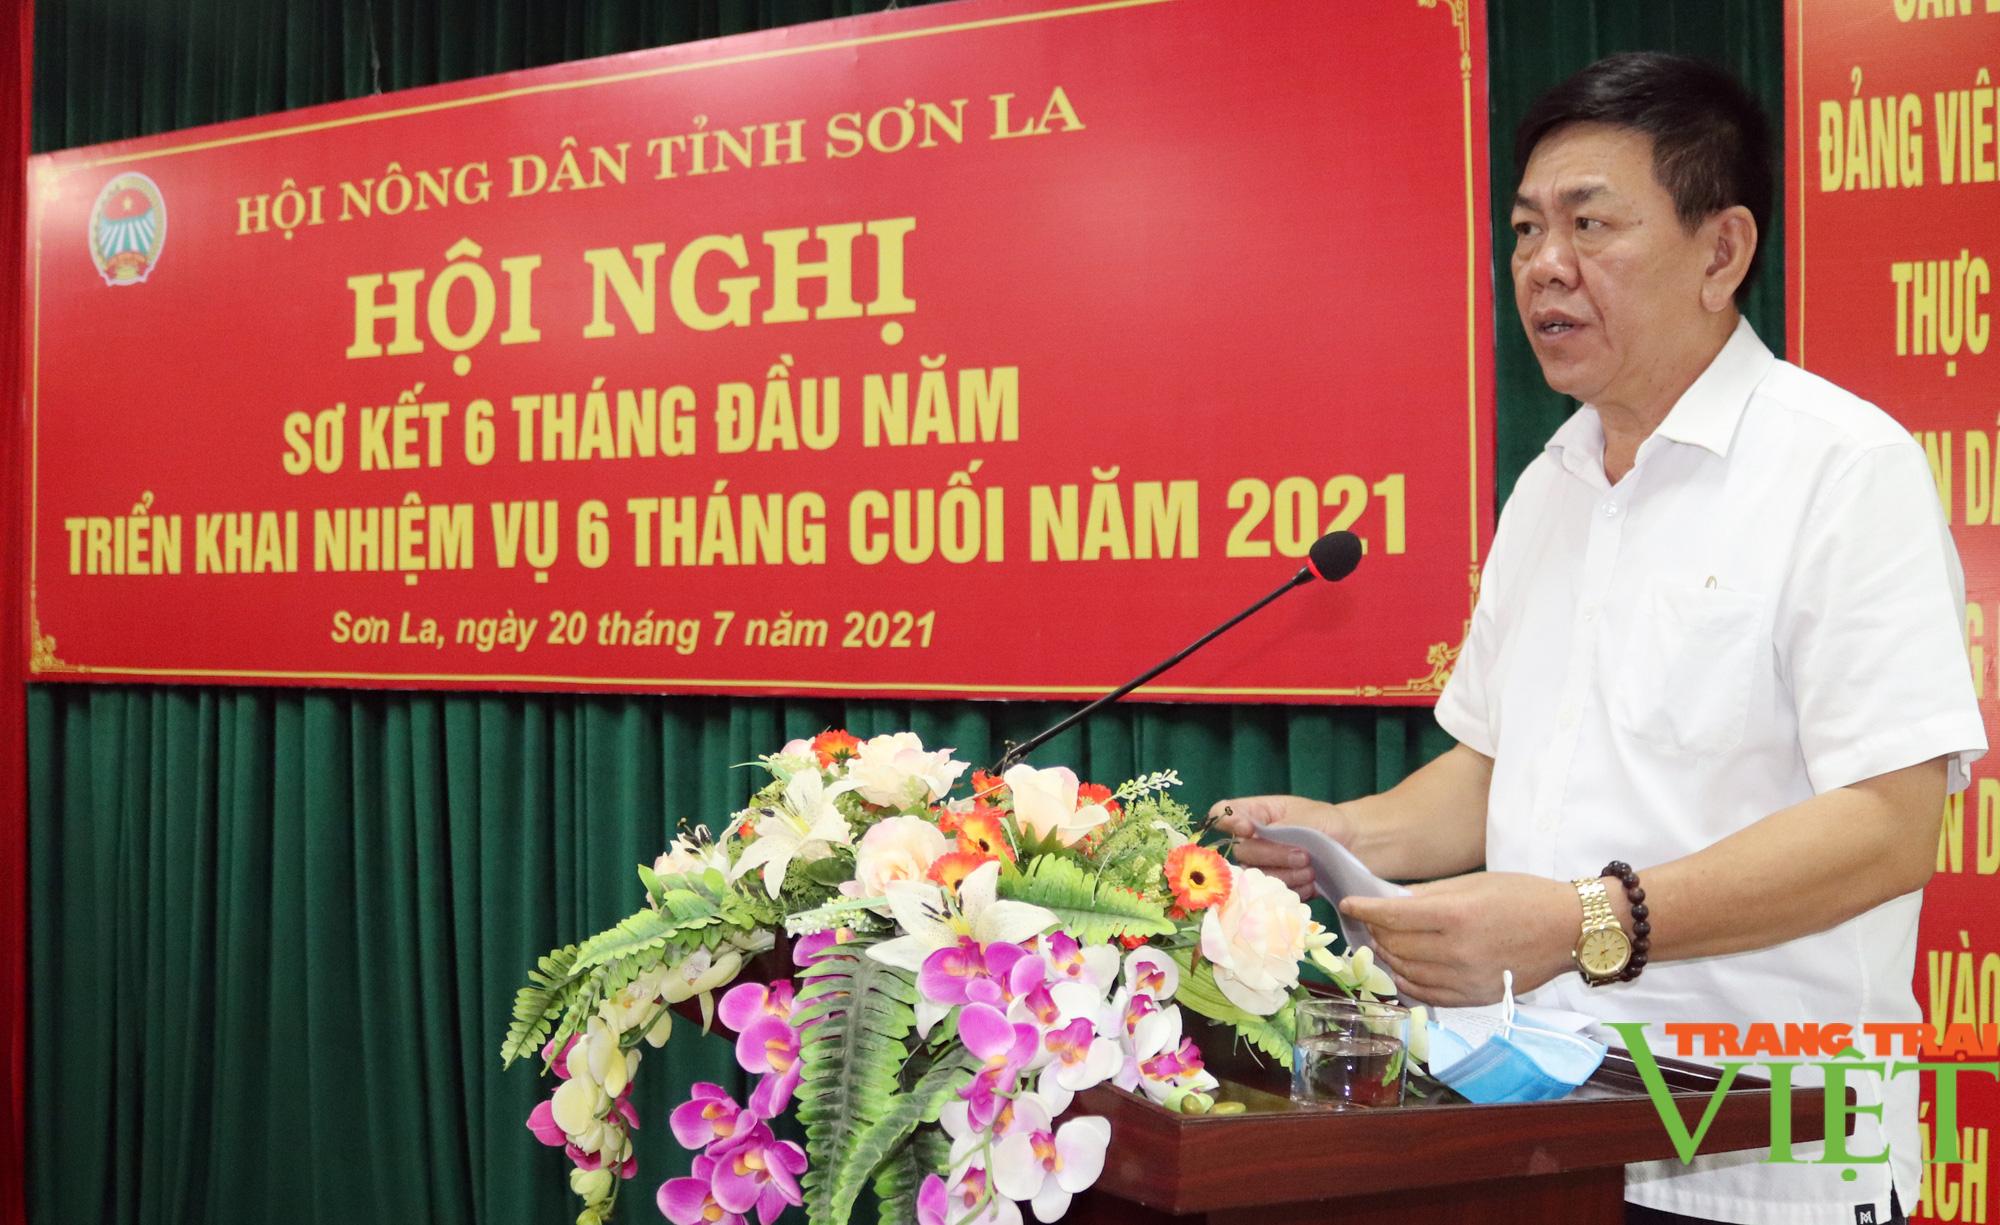 Sơn La có 80.682 hộ đăng ký đạt danh hiệu hộ nông dân sản xuất, kinh doanh giỏi các cấp - Ảnh 4.